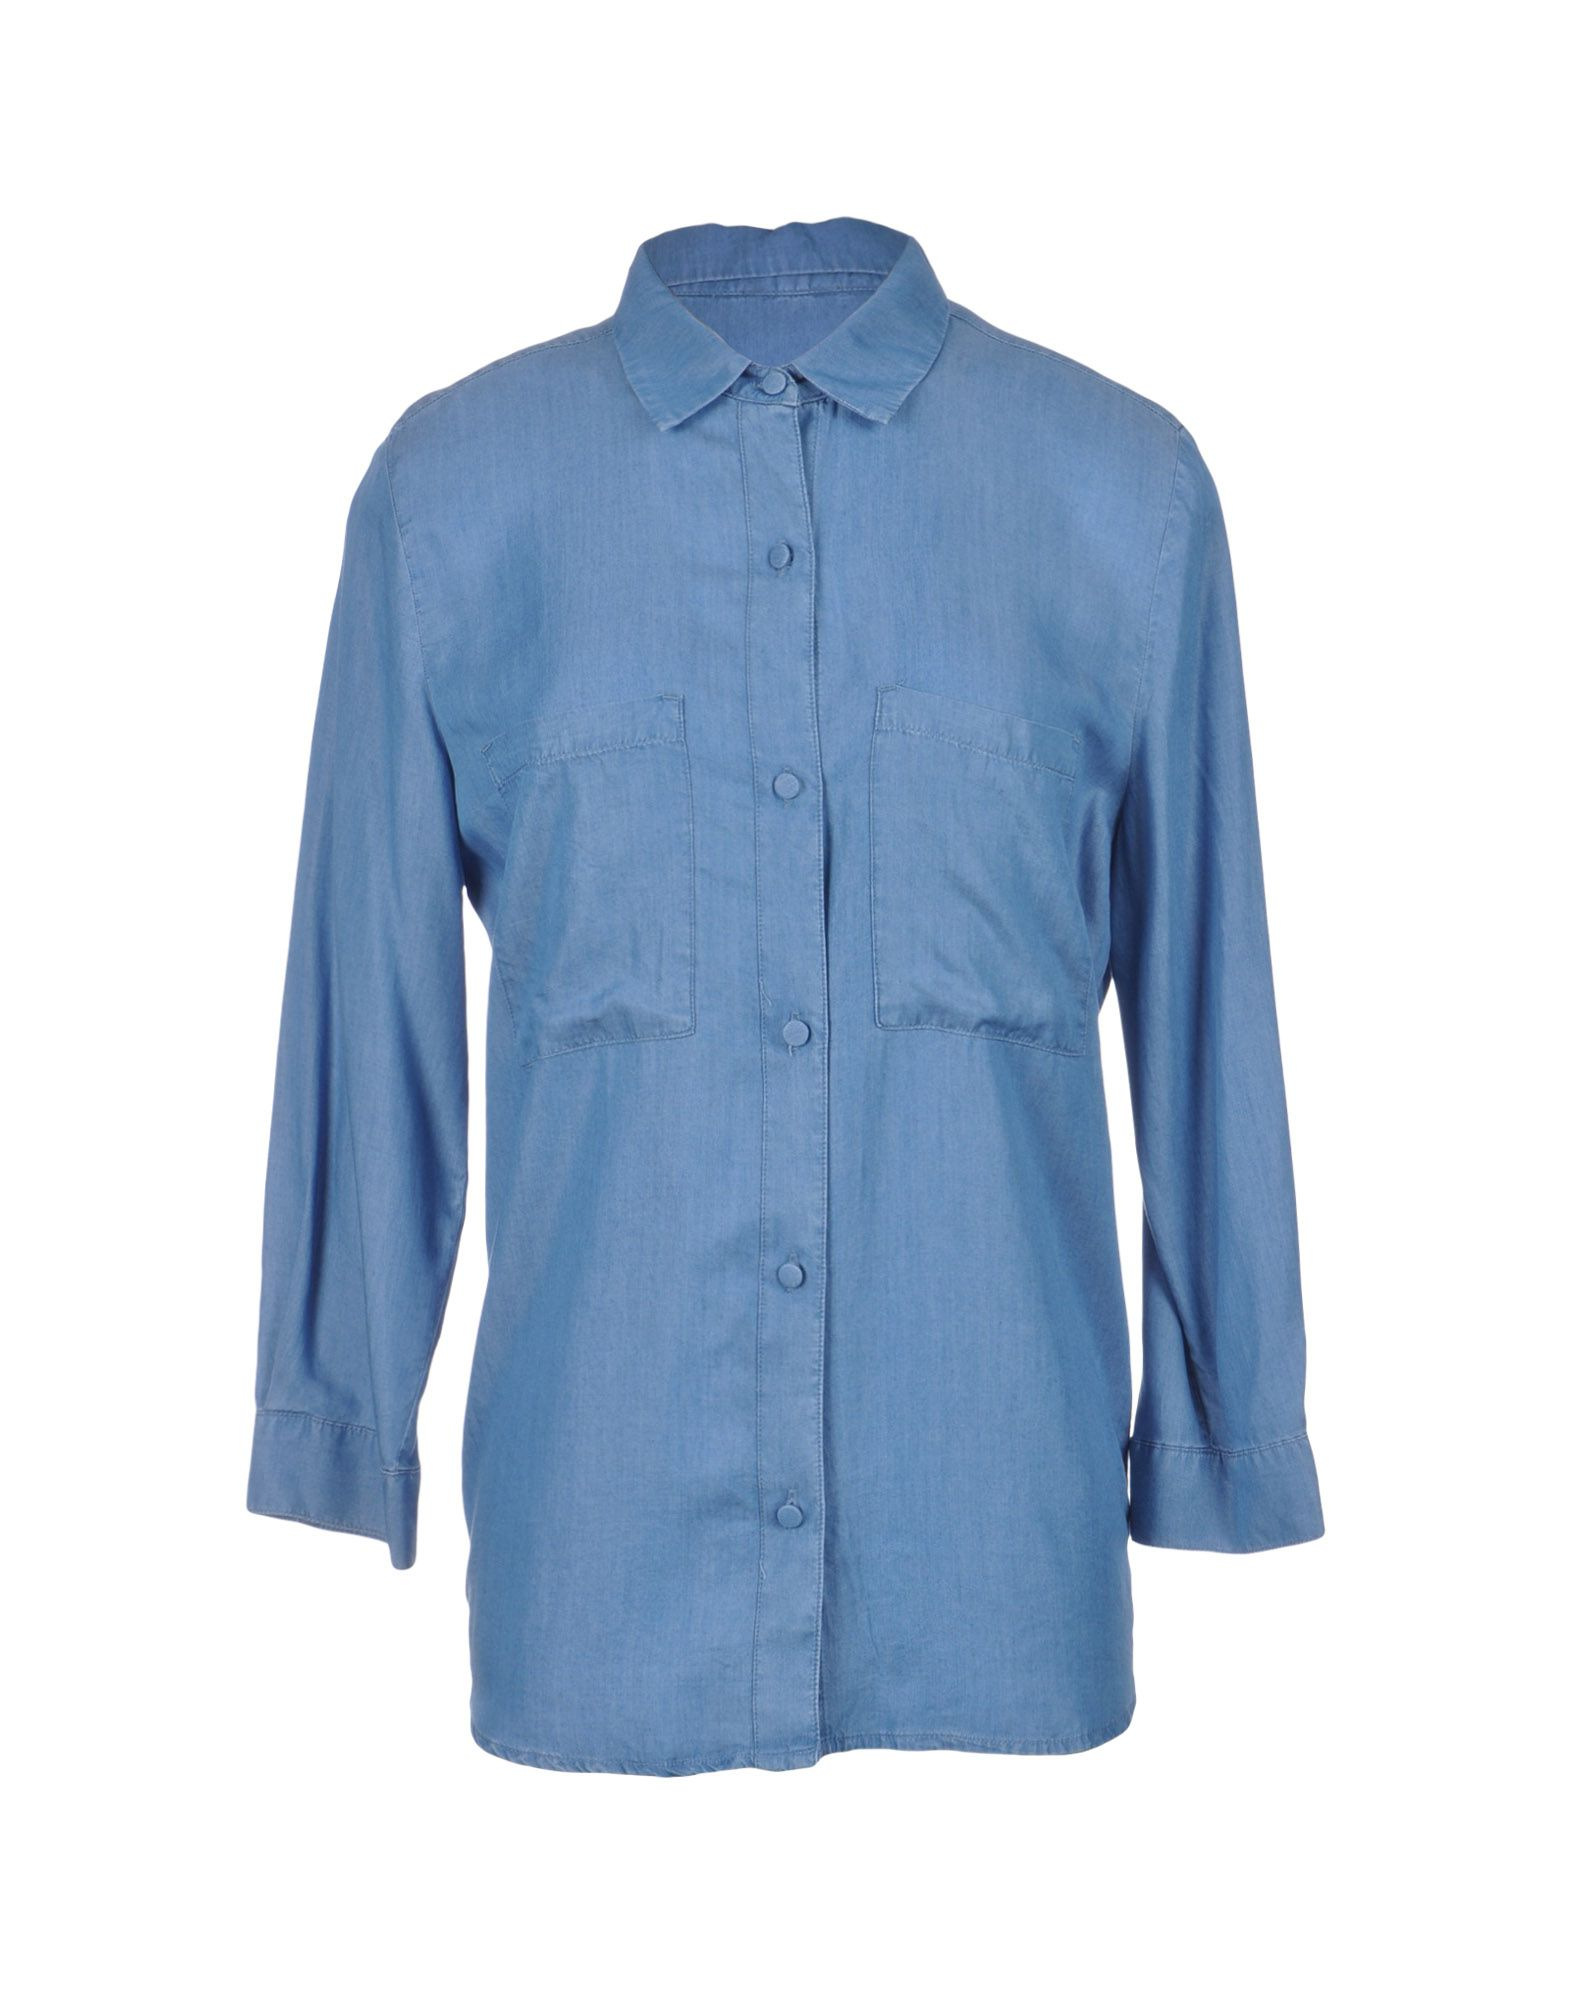 ARMANI JEANS Джинсовая рубашка рубашка armani jeans armani jeans ar411ewpwf60